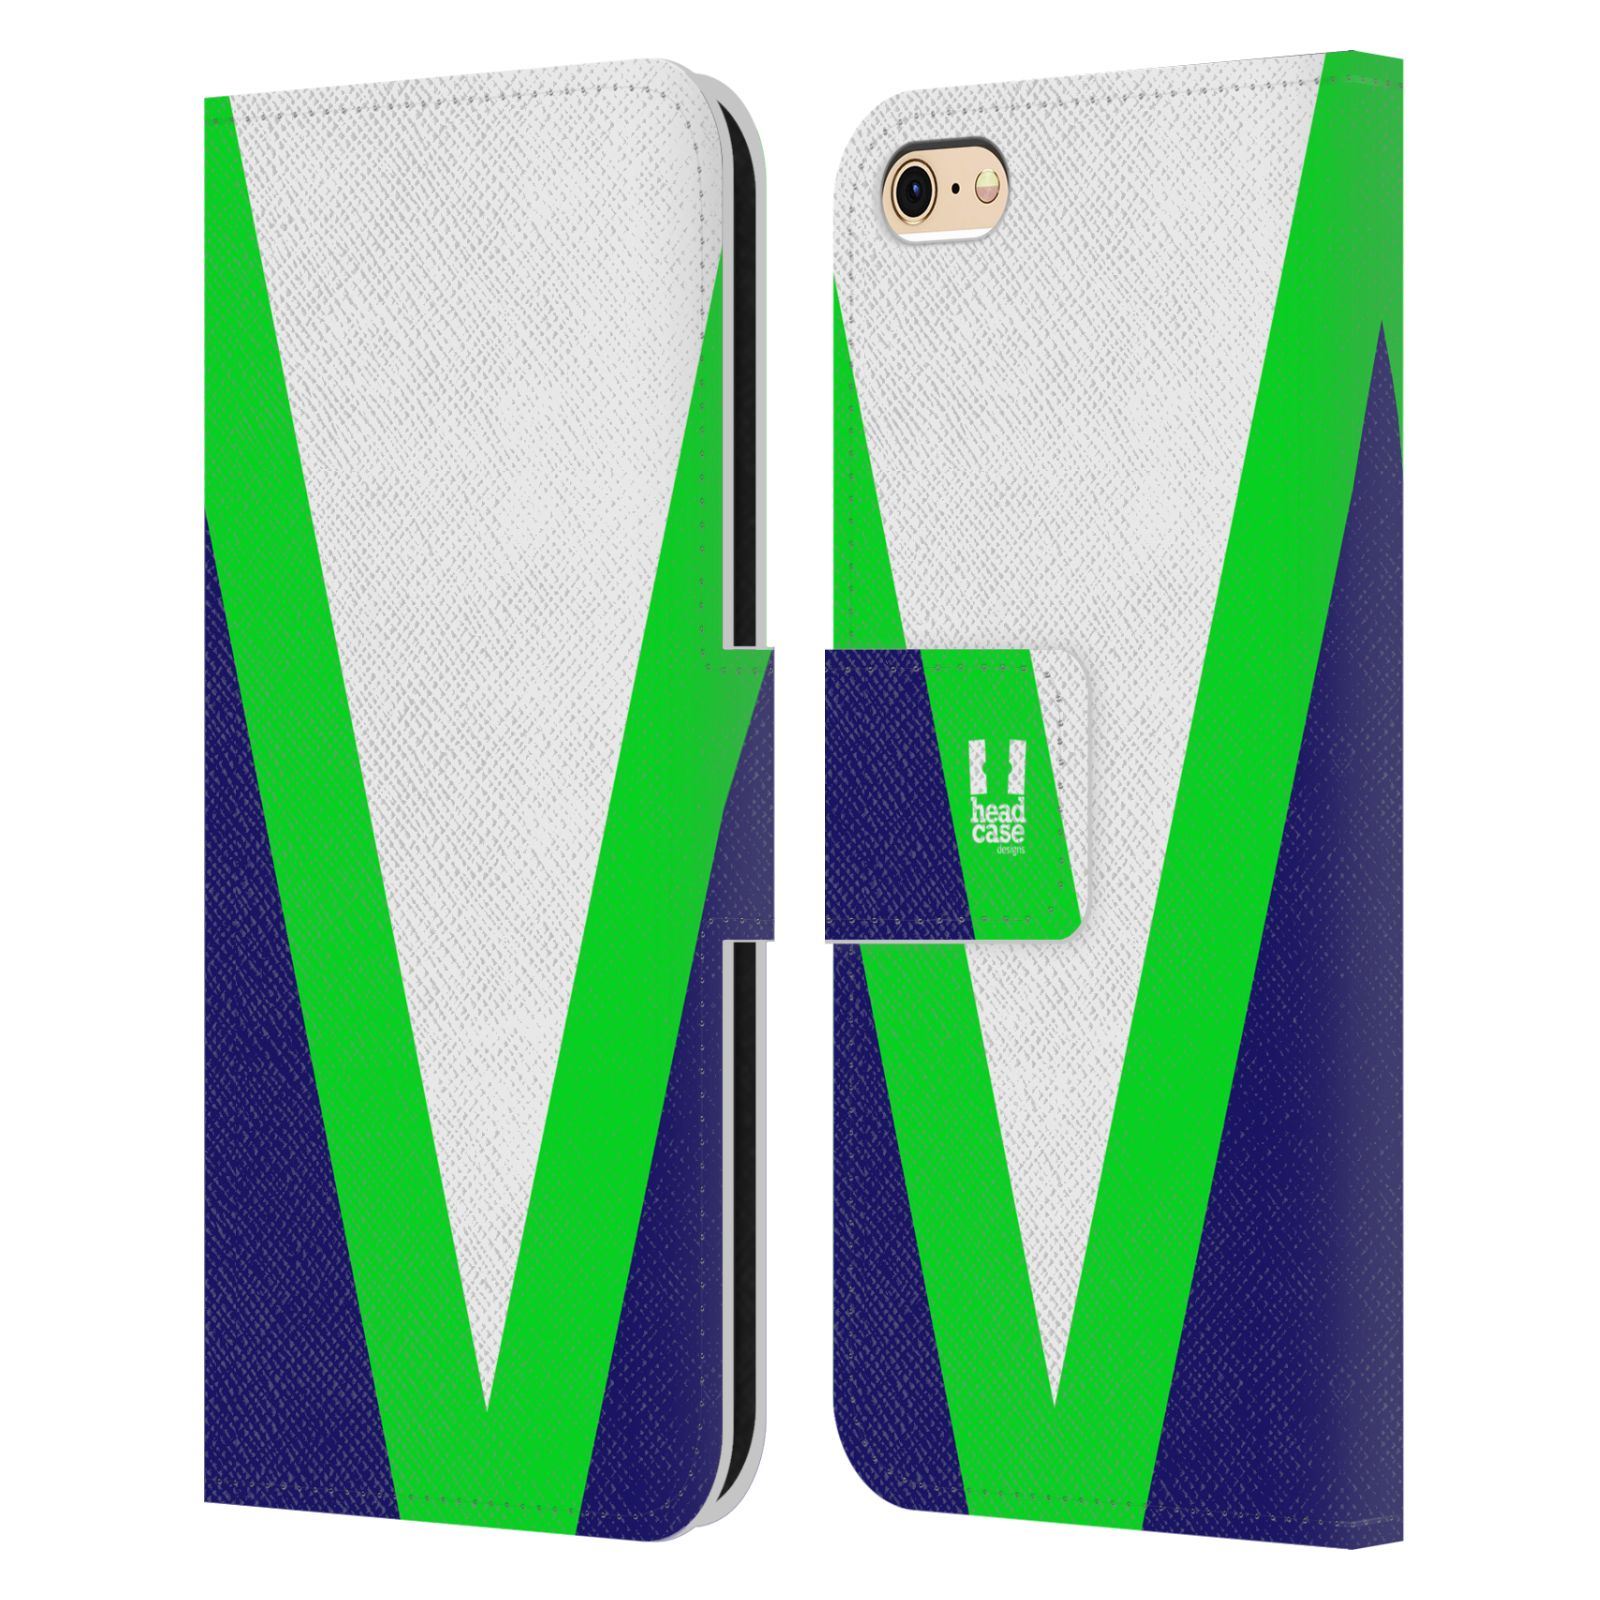 HEAD CASE Flipové pouzdro pro mobil Apple Iphone 6/6s barevné tvary zelená a modrá